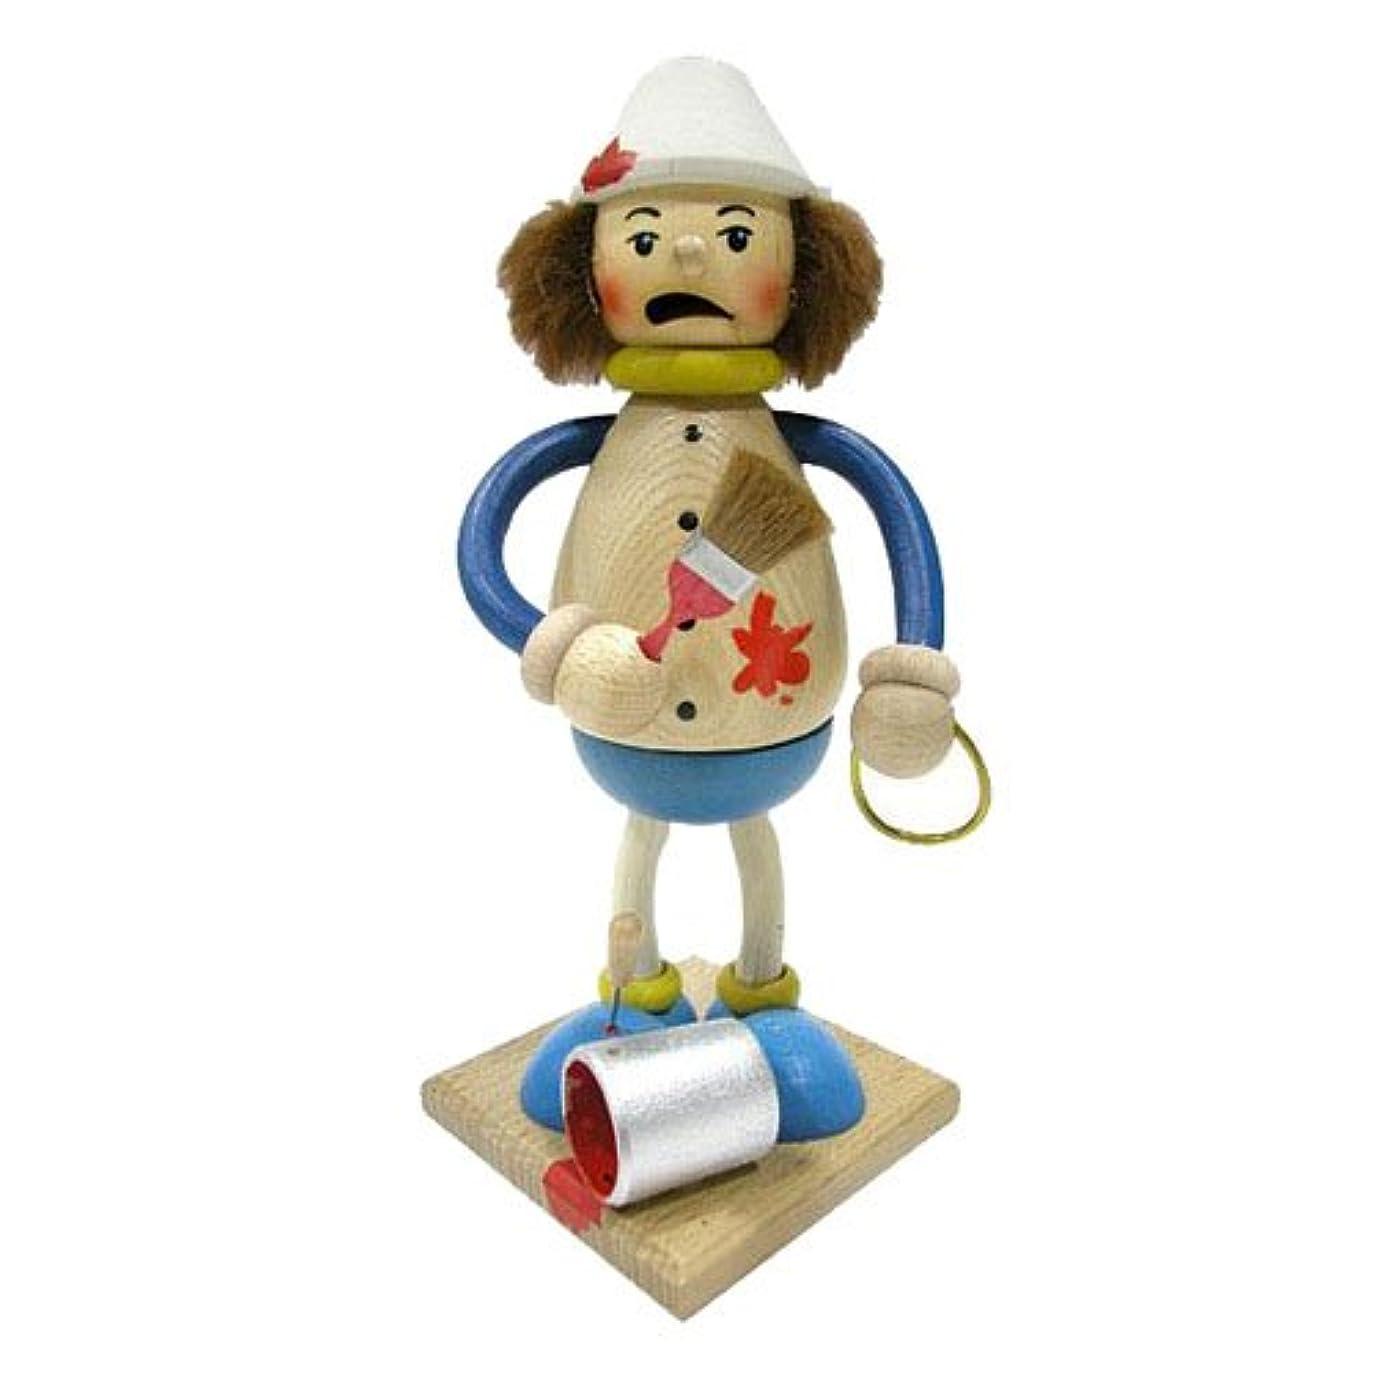 半球船酔い生理39095 Kuhnert(クーネルト) ミニパイプ人形香炉 ペインター